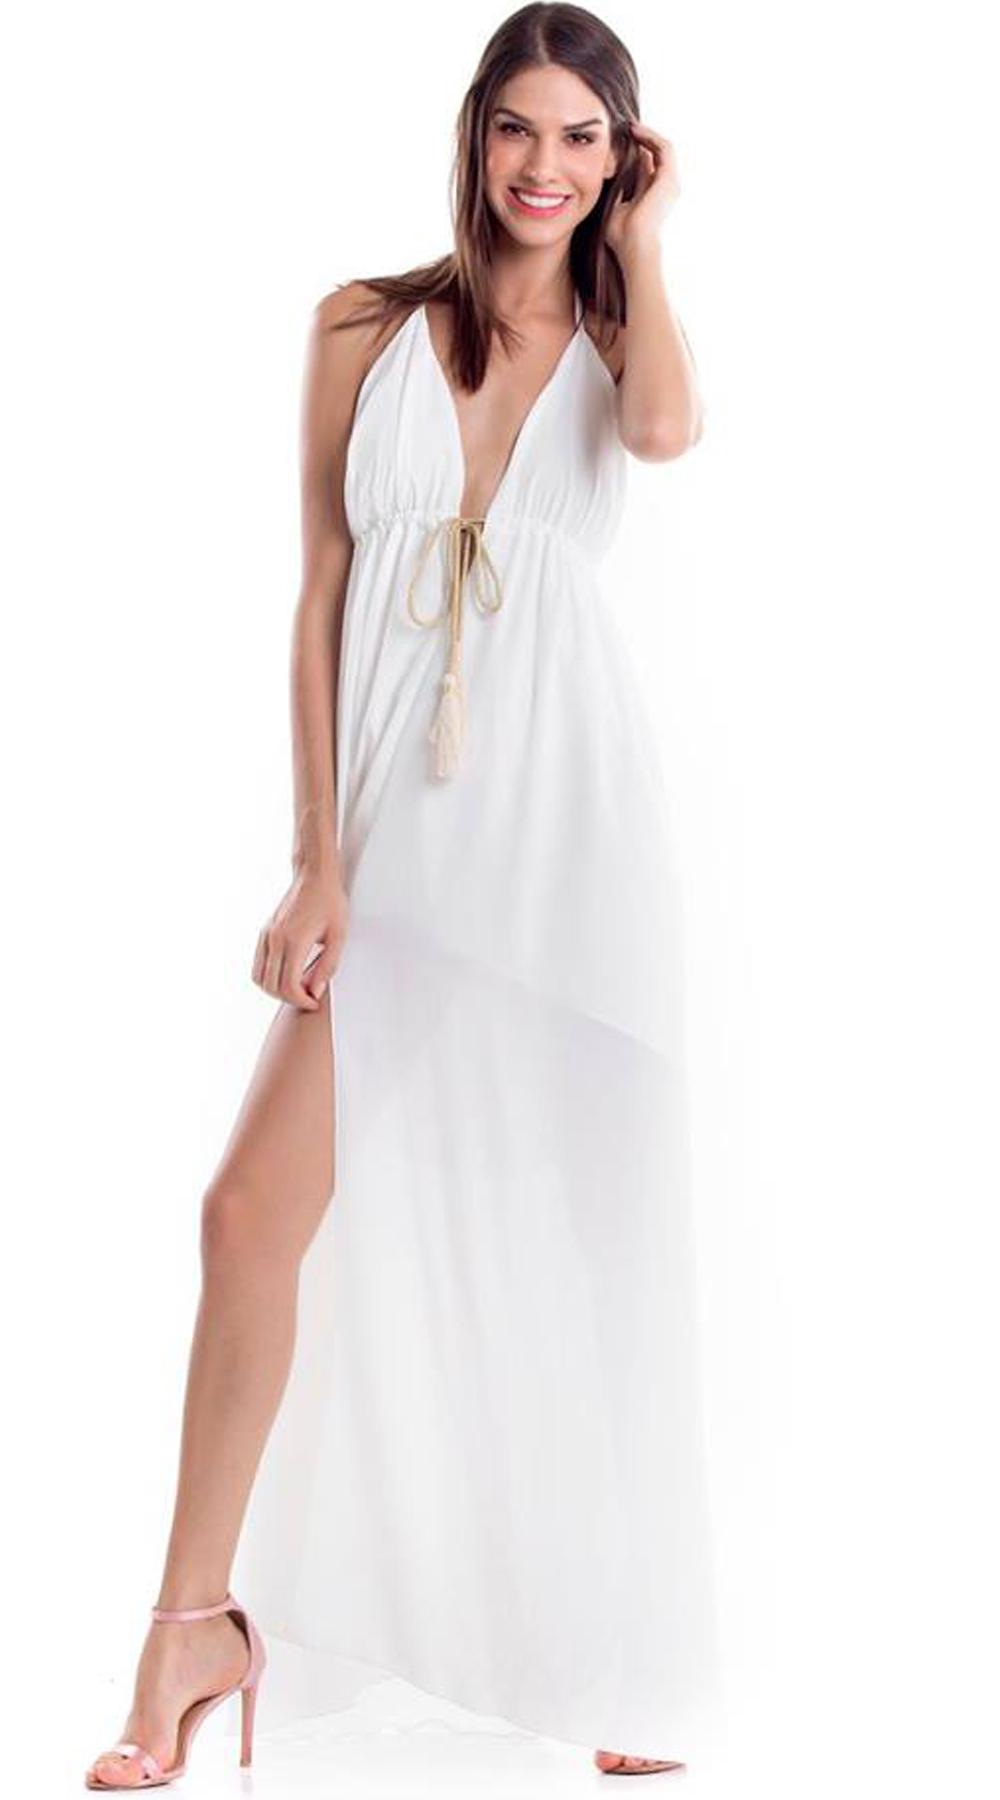 Μάξι Φόρεμα με βαθύ Ντεκολτέ - LOVE ME - SS18LV-53269 φορέματα βραδυνά φορέματα